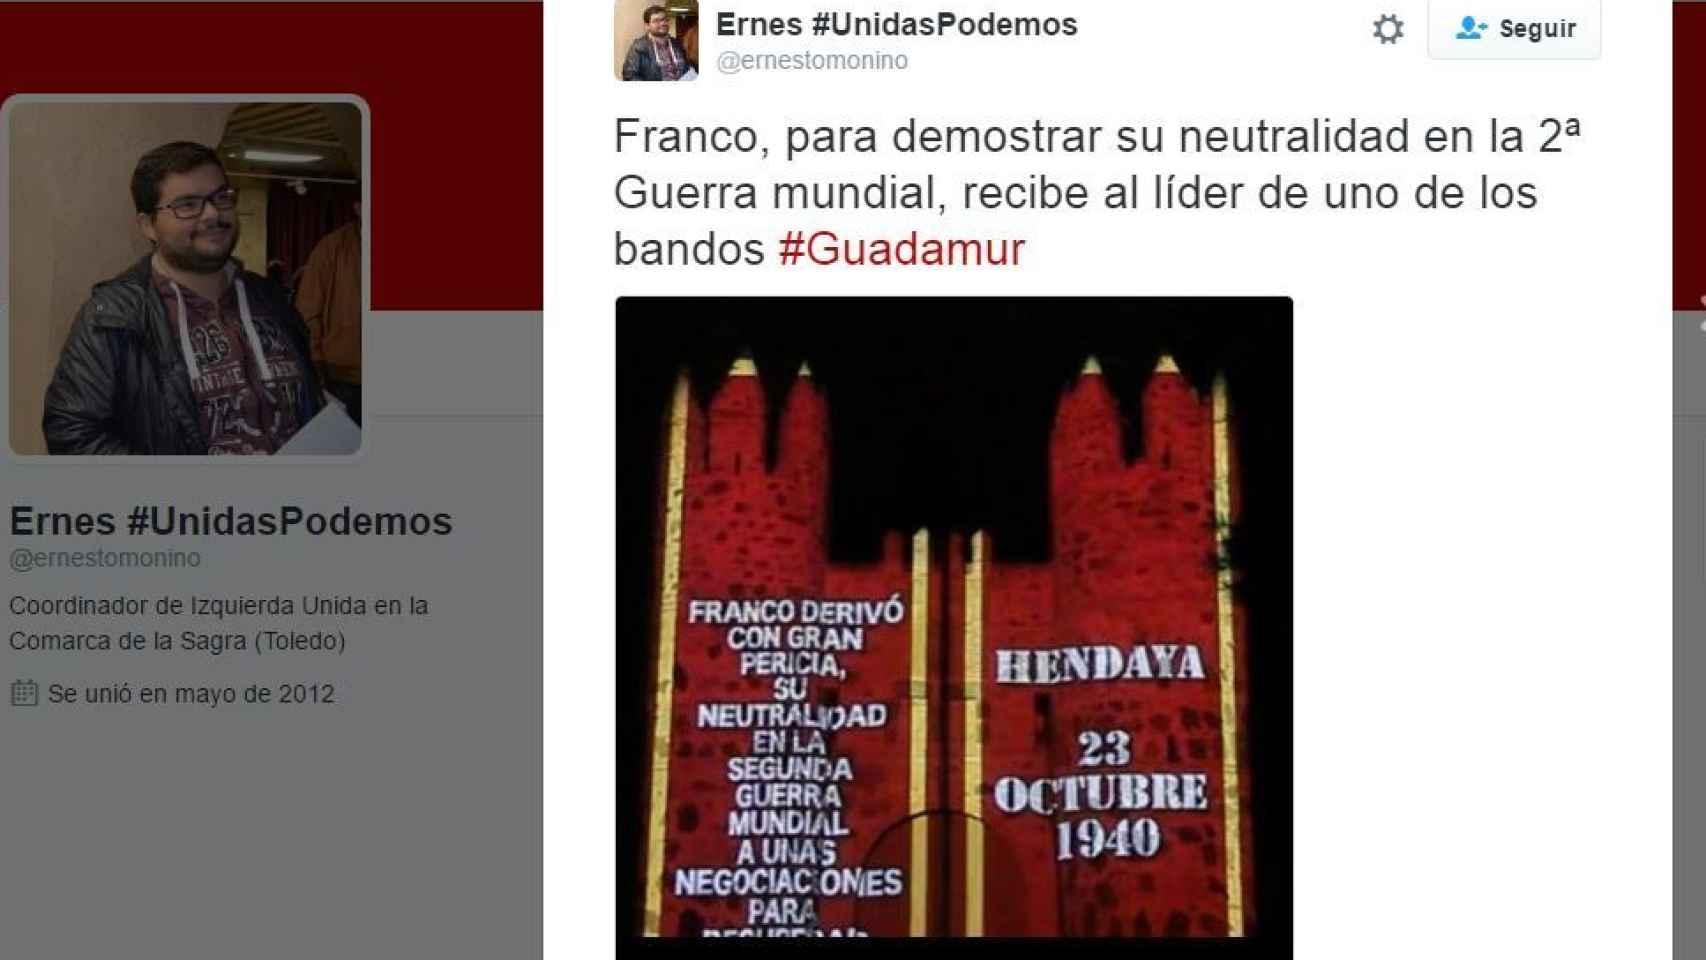 Una de las proyecciones que pudieron verse en el espectáculo en Guadamur.